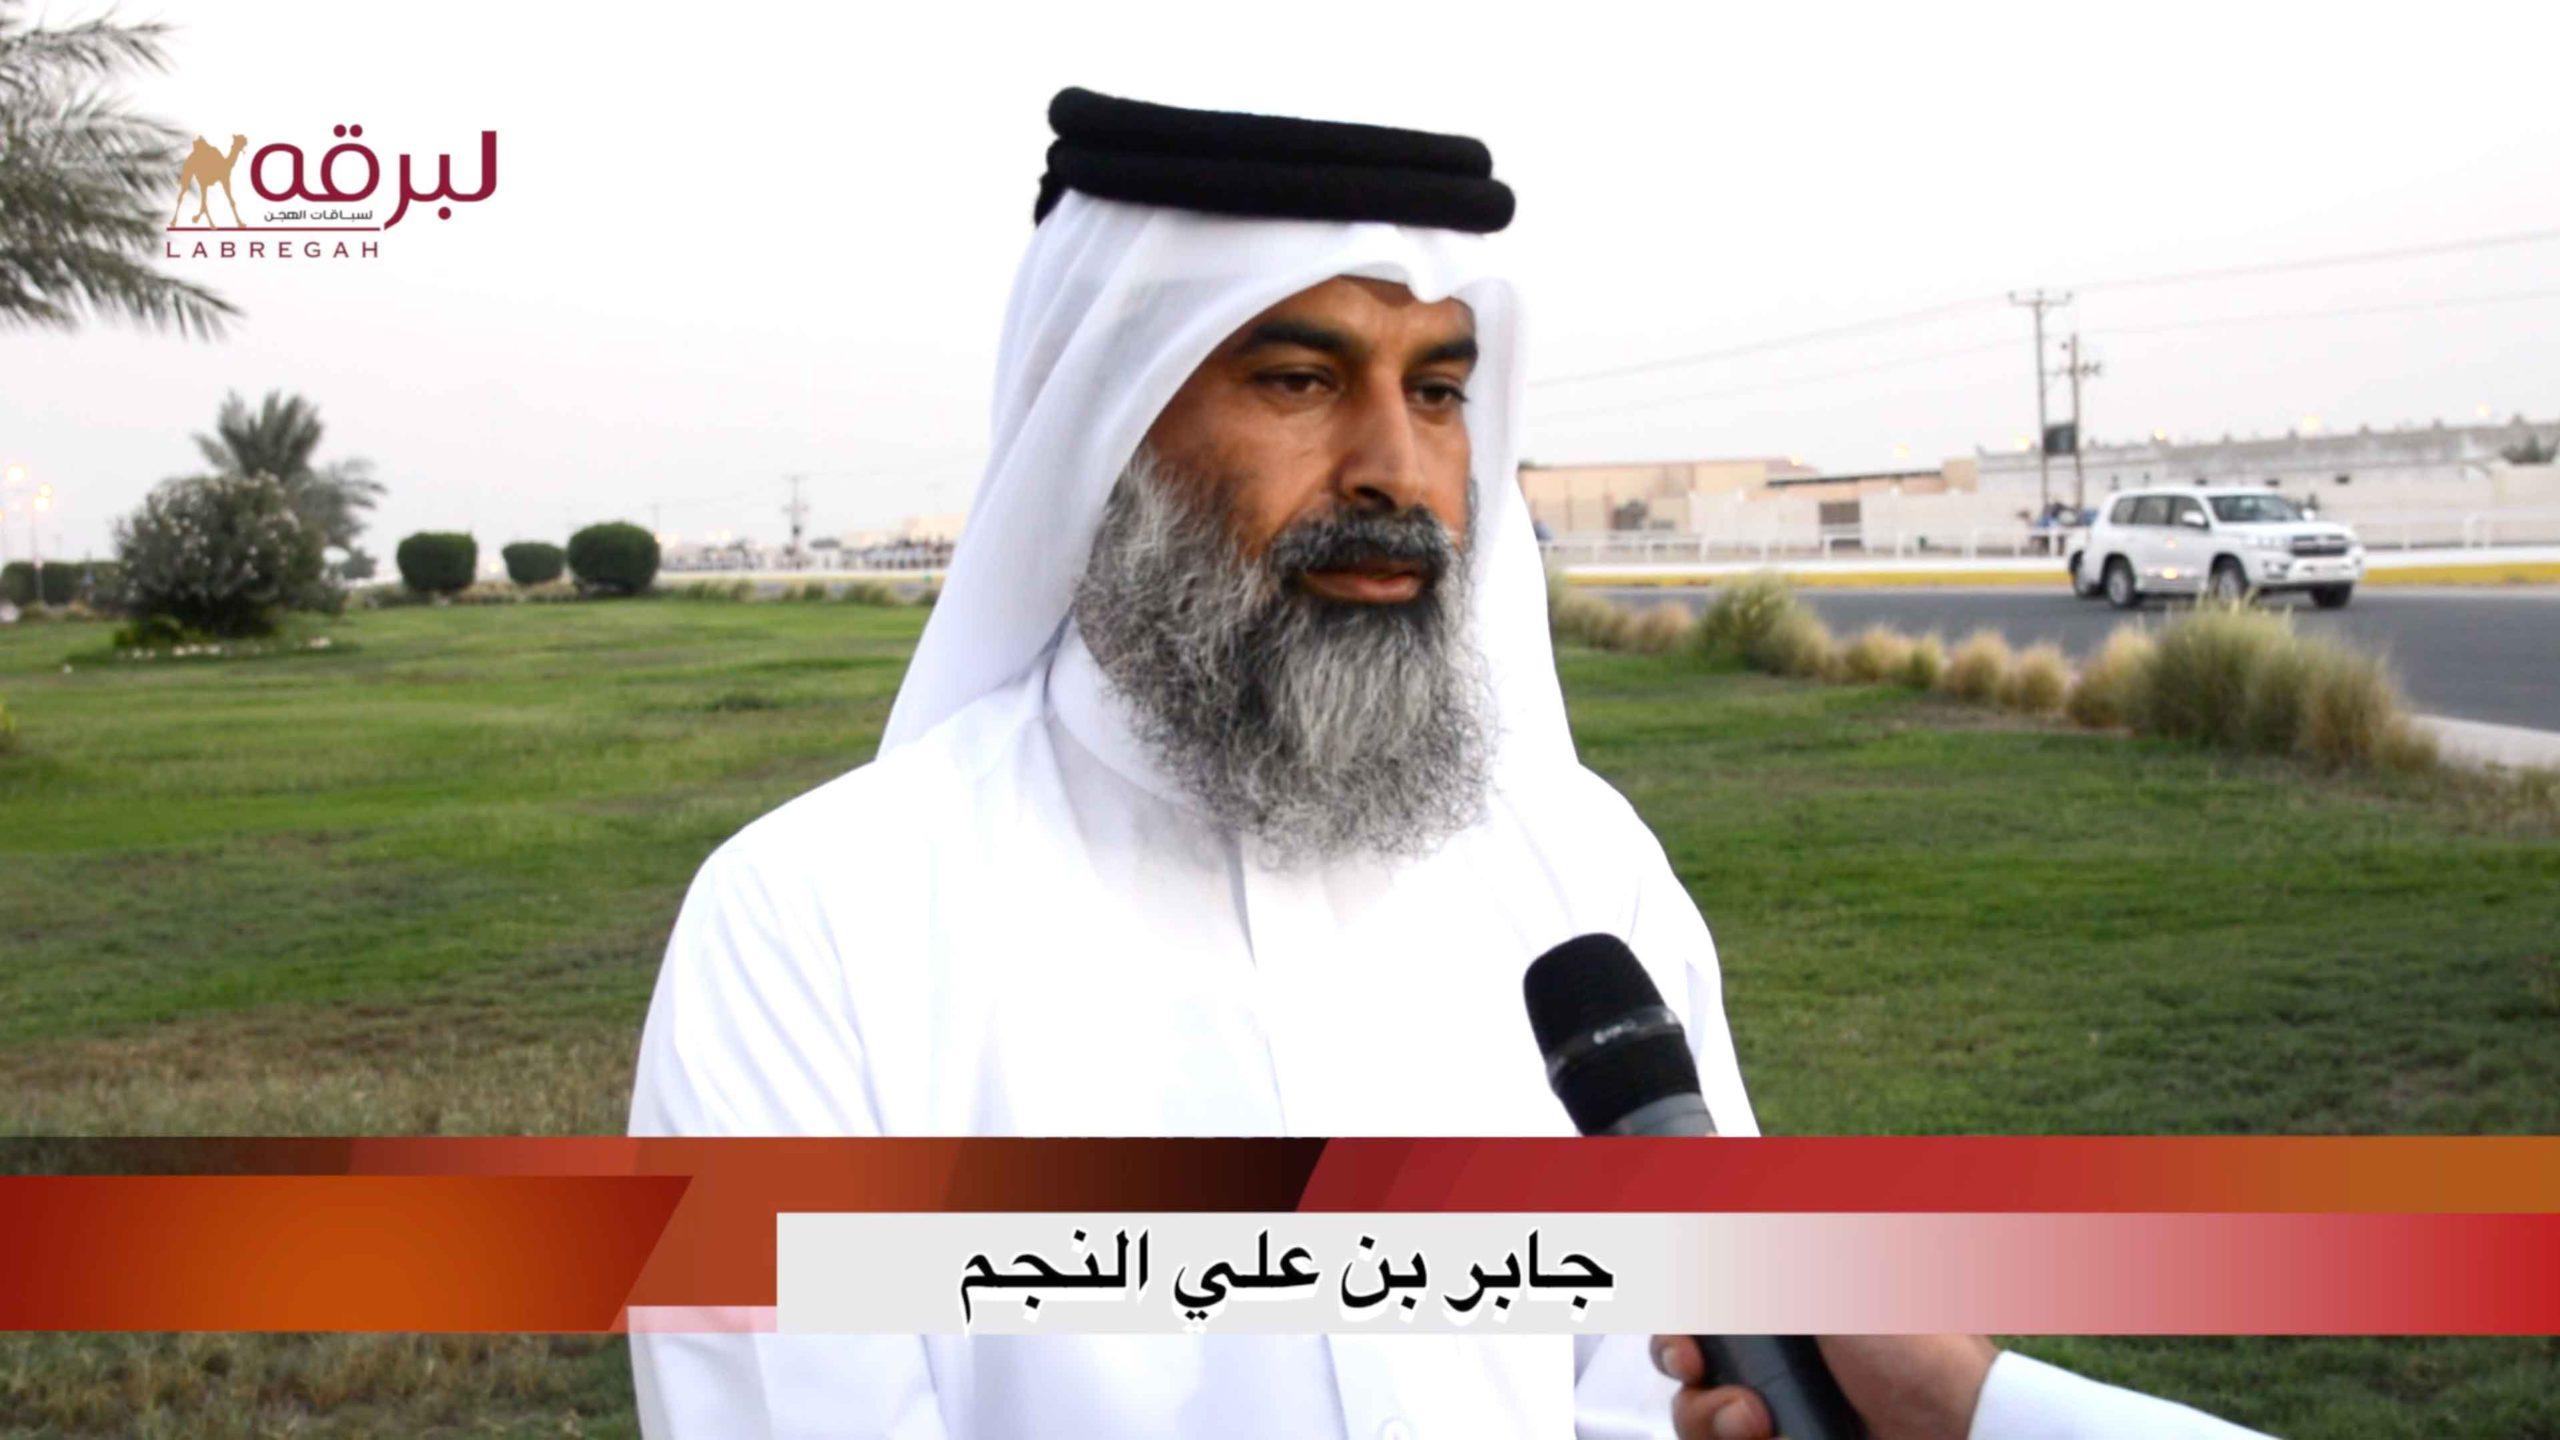 لقاء مع جابر بن علي النجم.. الشوط الرئيسي للقايا قعدان مفتوح الأشواط المفتوحة ٧-١٠-٢٠٢٠